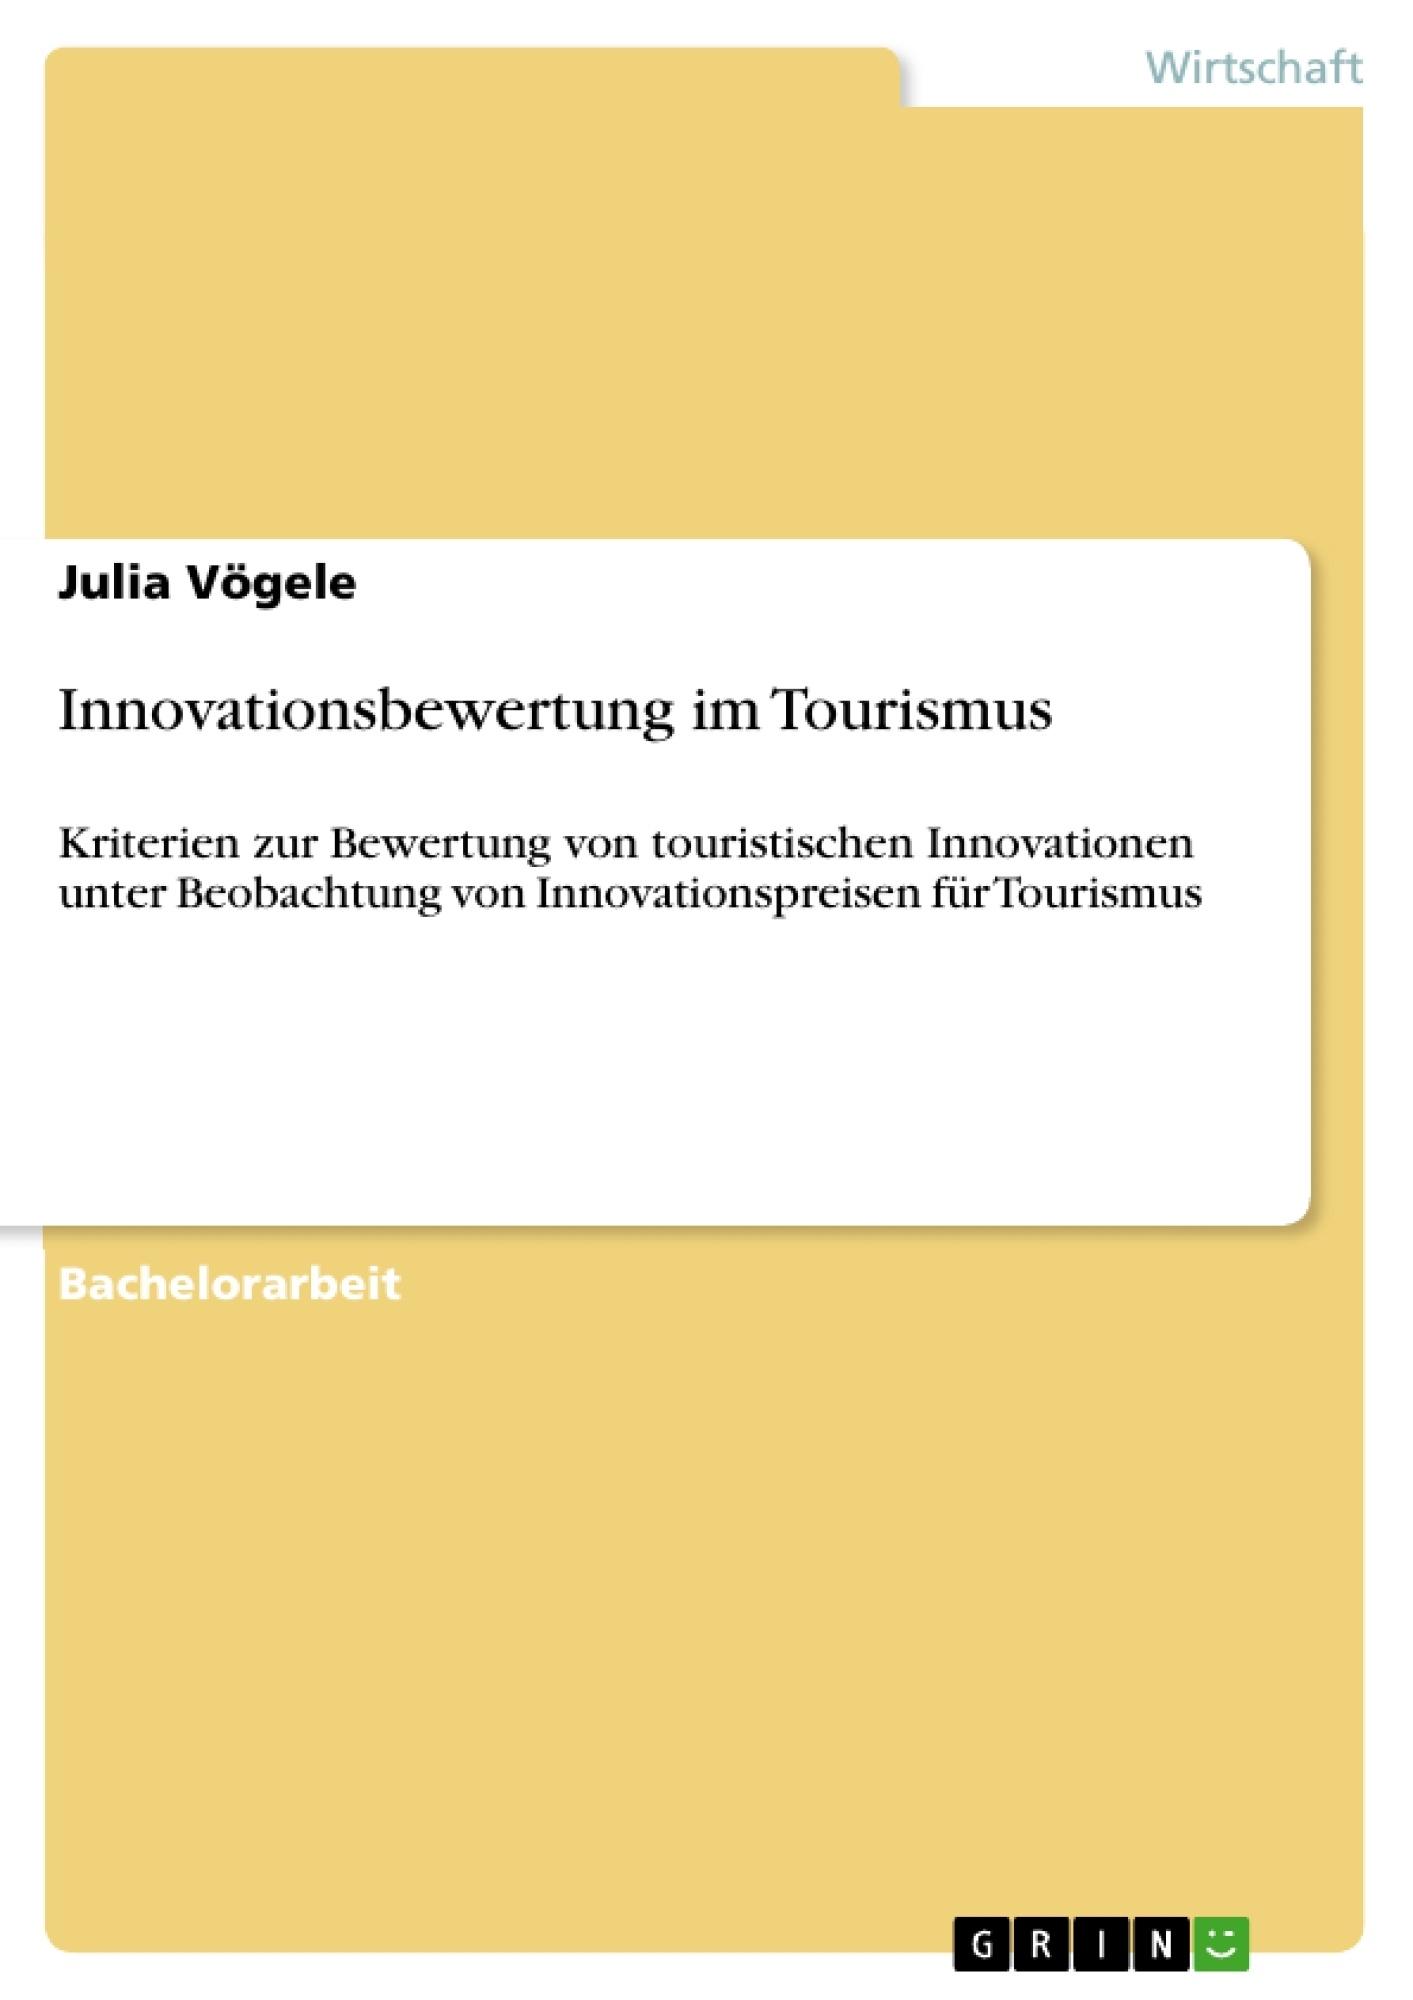 Titel: Innovationsbewertung im Tourismus